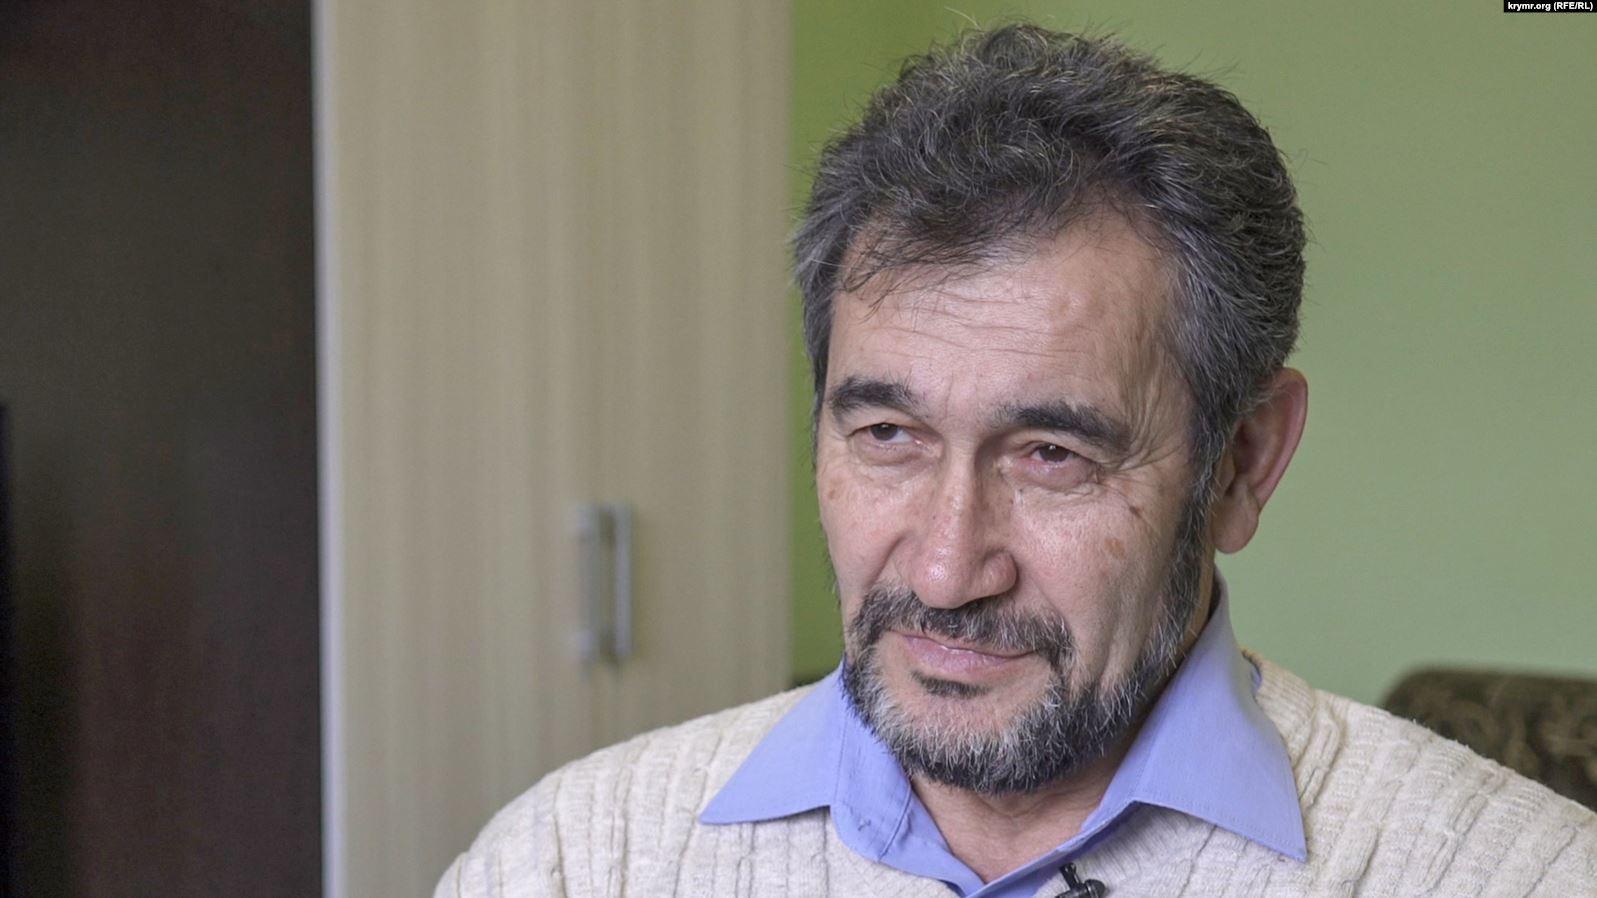 """Російські окупанти так бояться кримських татар, що заздалегідь виписують їм """"предостореженія"""" з погрозами"""